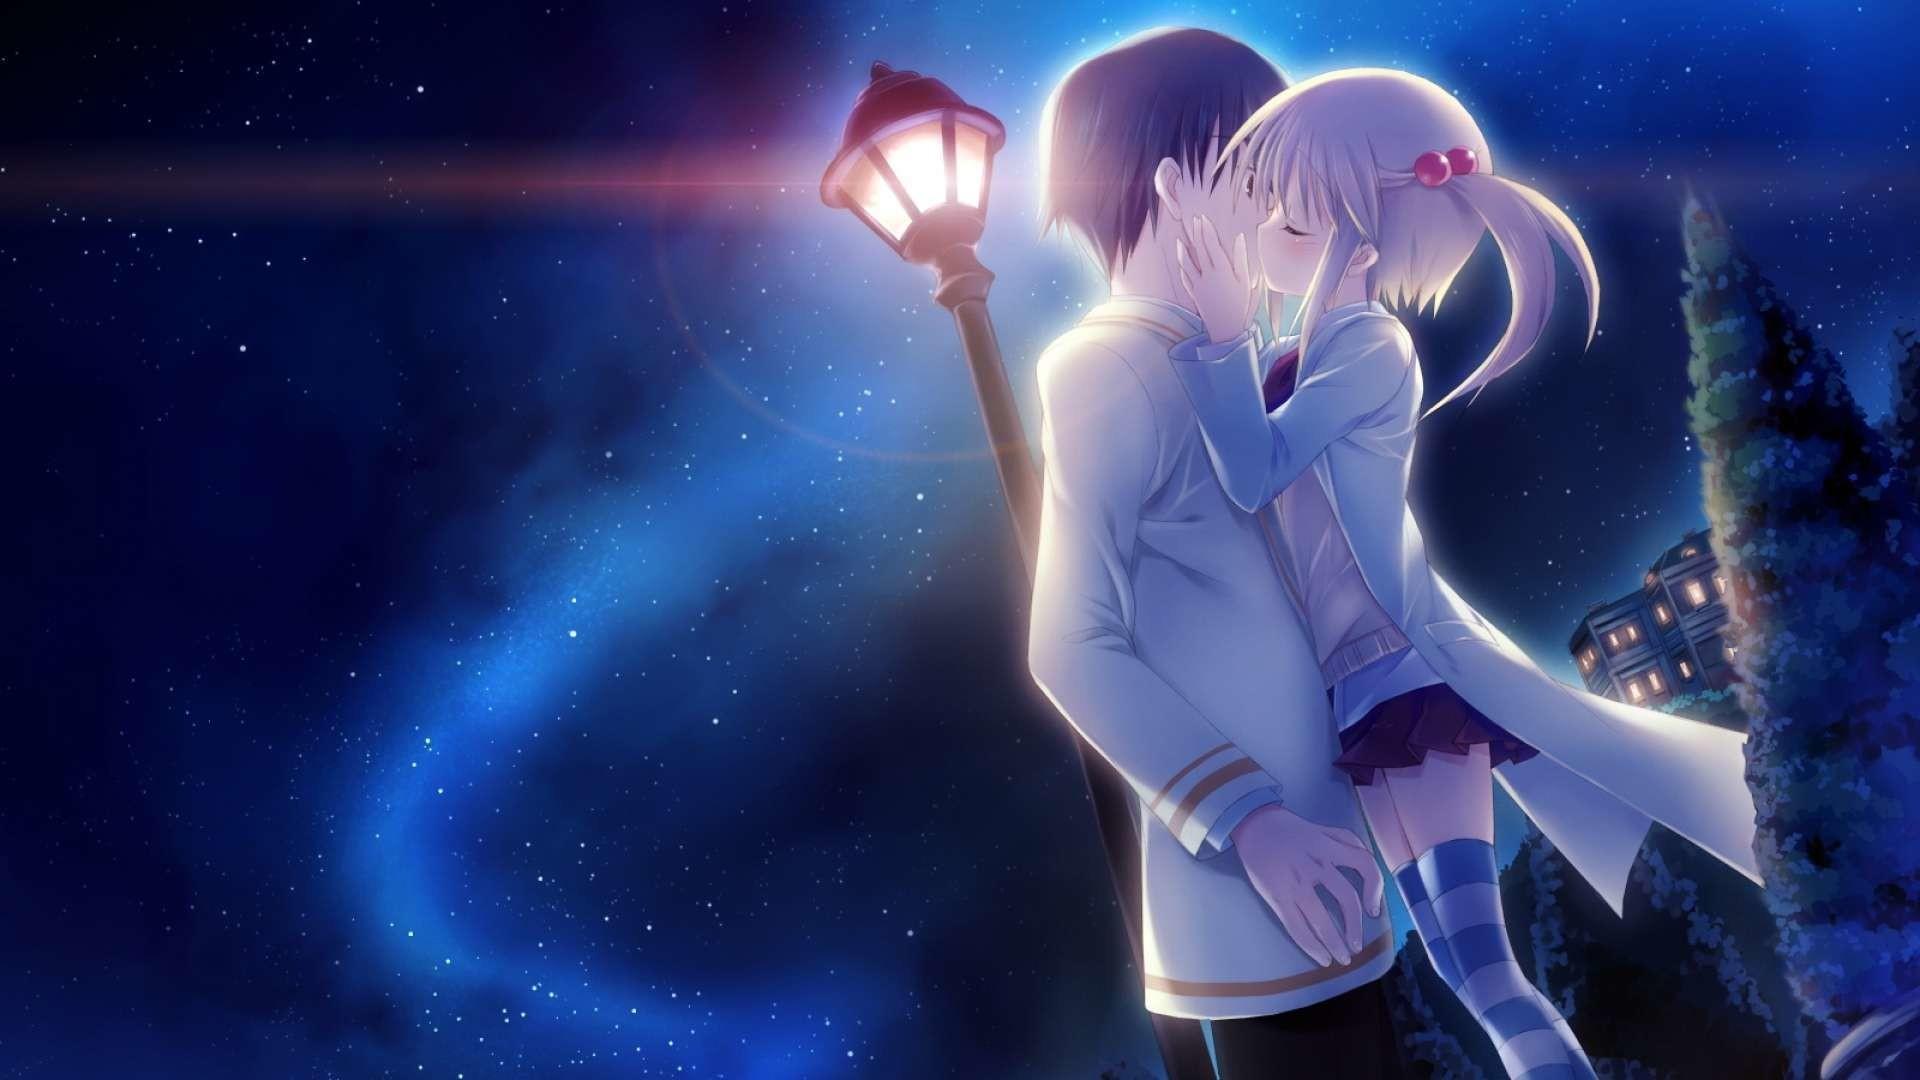 anime-girl-kissing-boy-hd-wallpaper-1080p-hdwallwide.